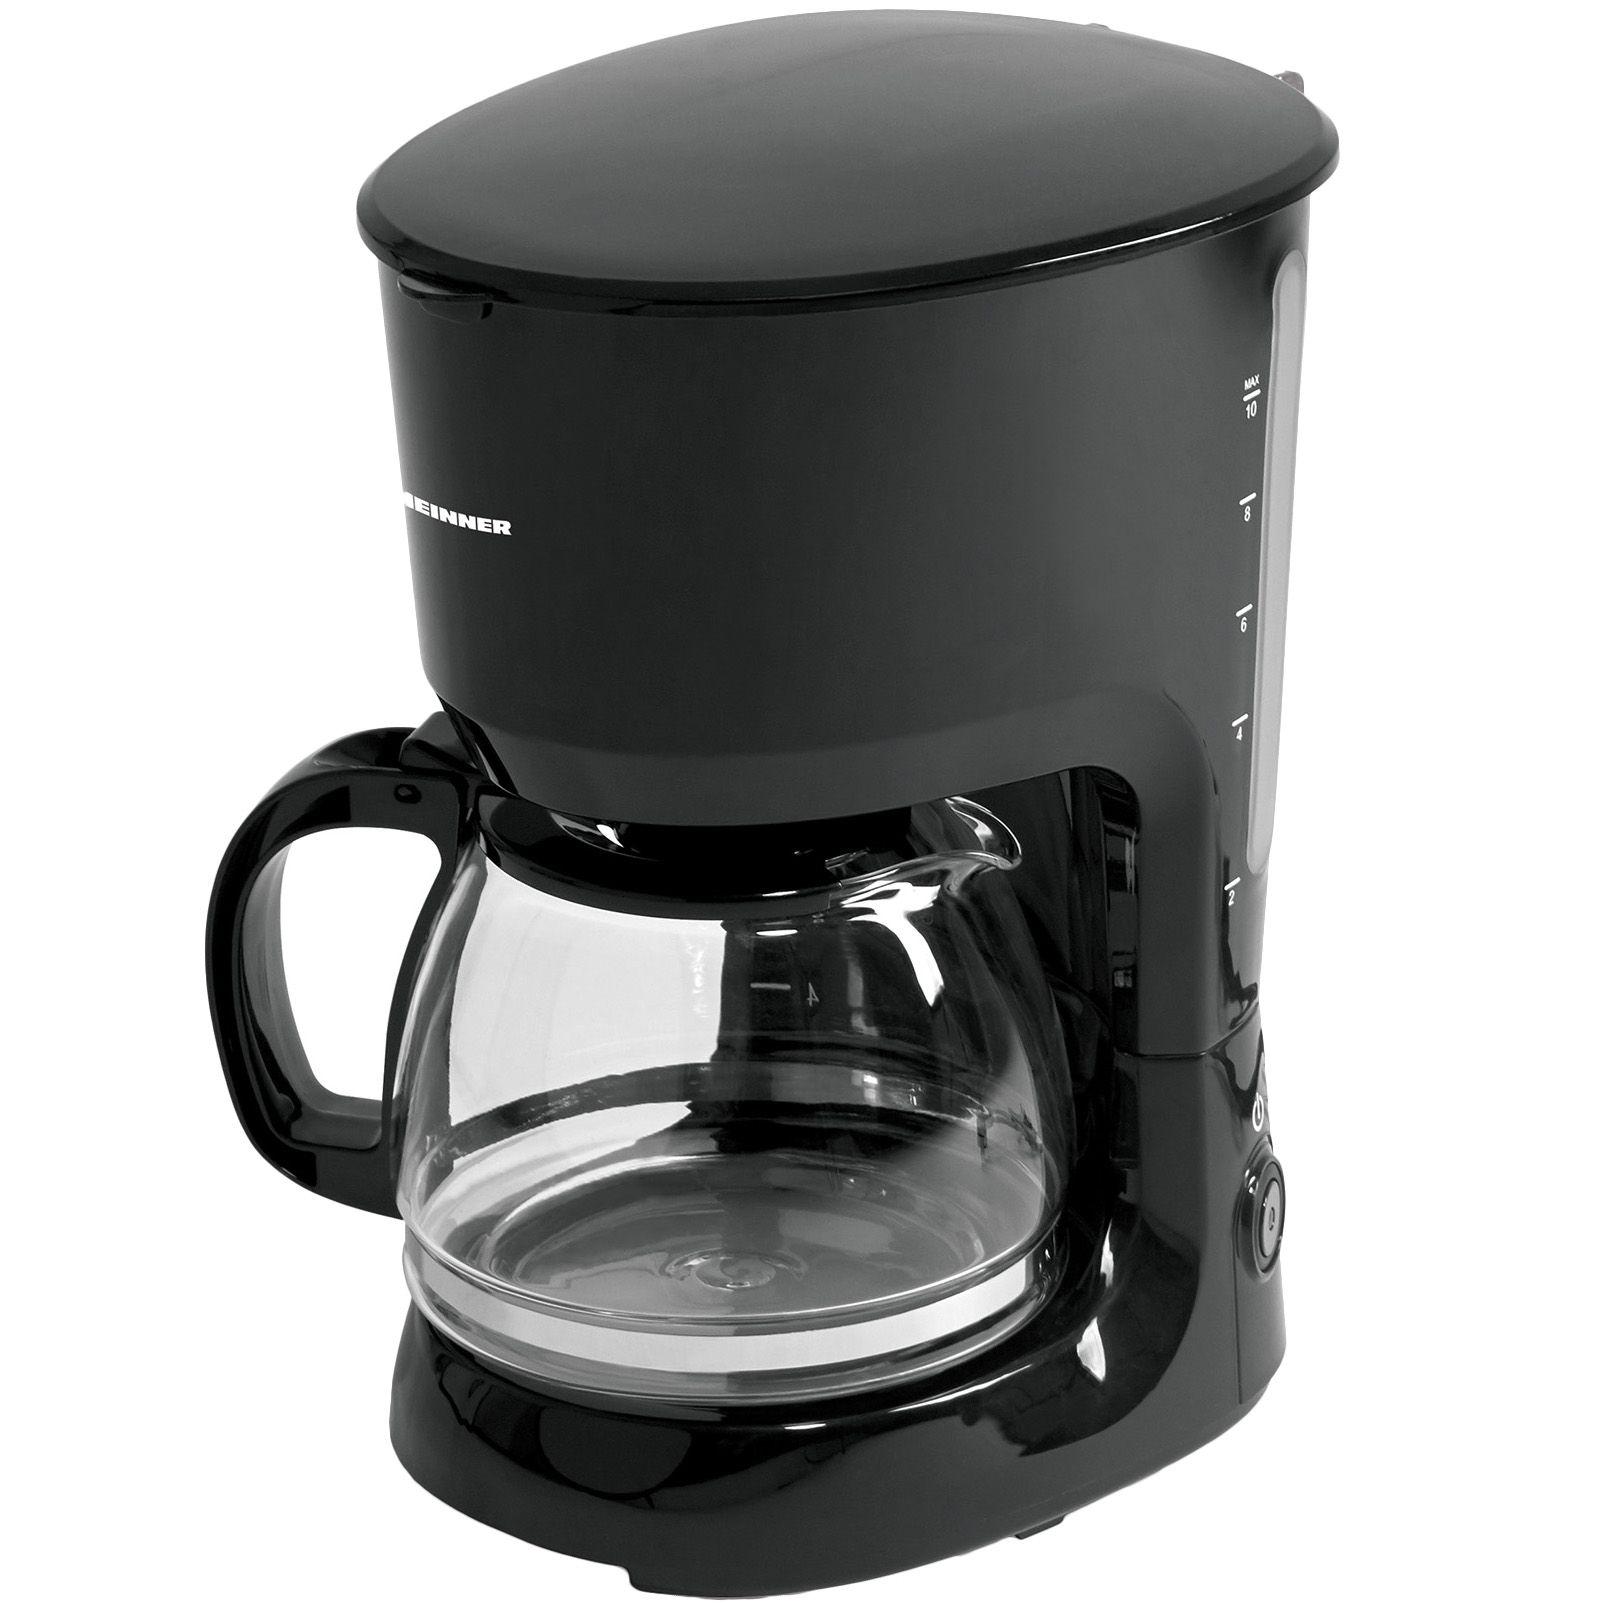 Cafetiera Heinner HCM-750BK 750W 1.25L Negru